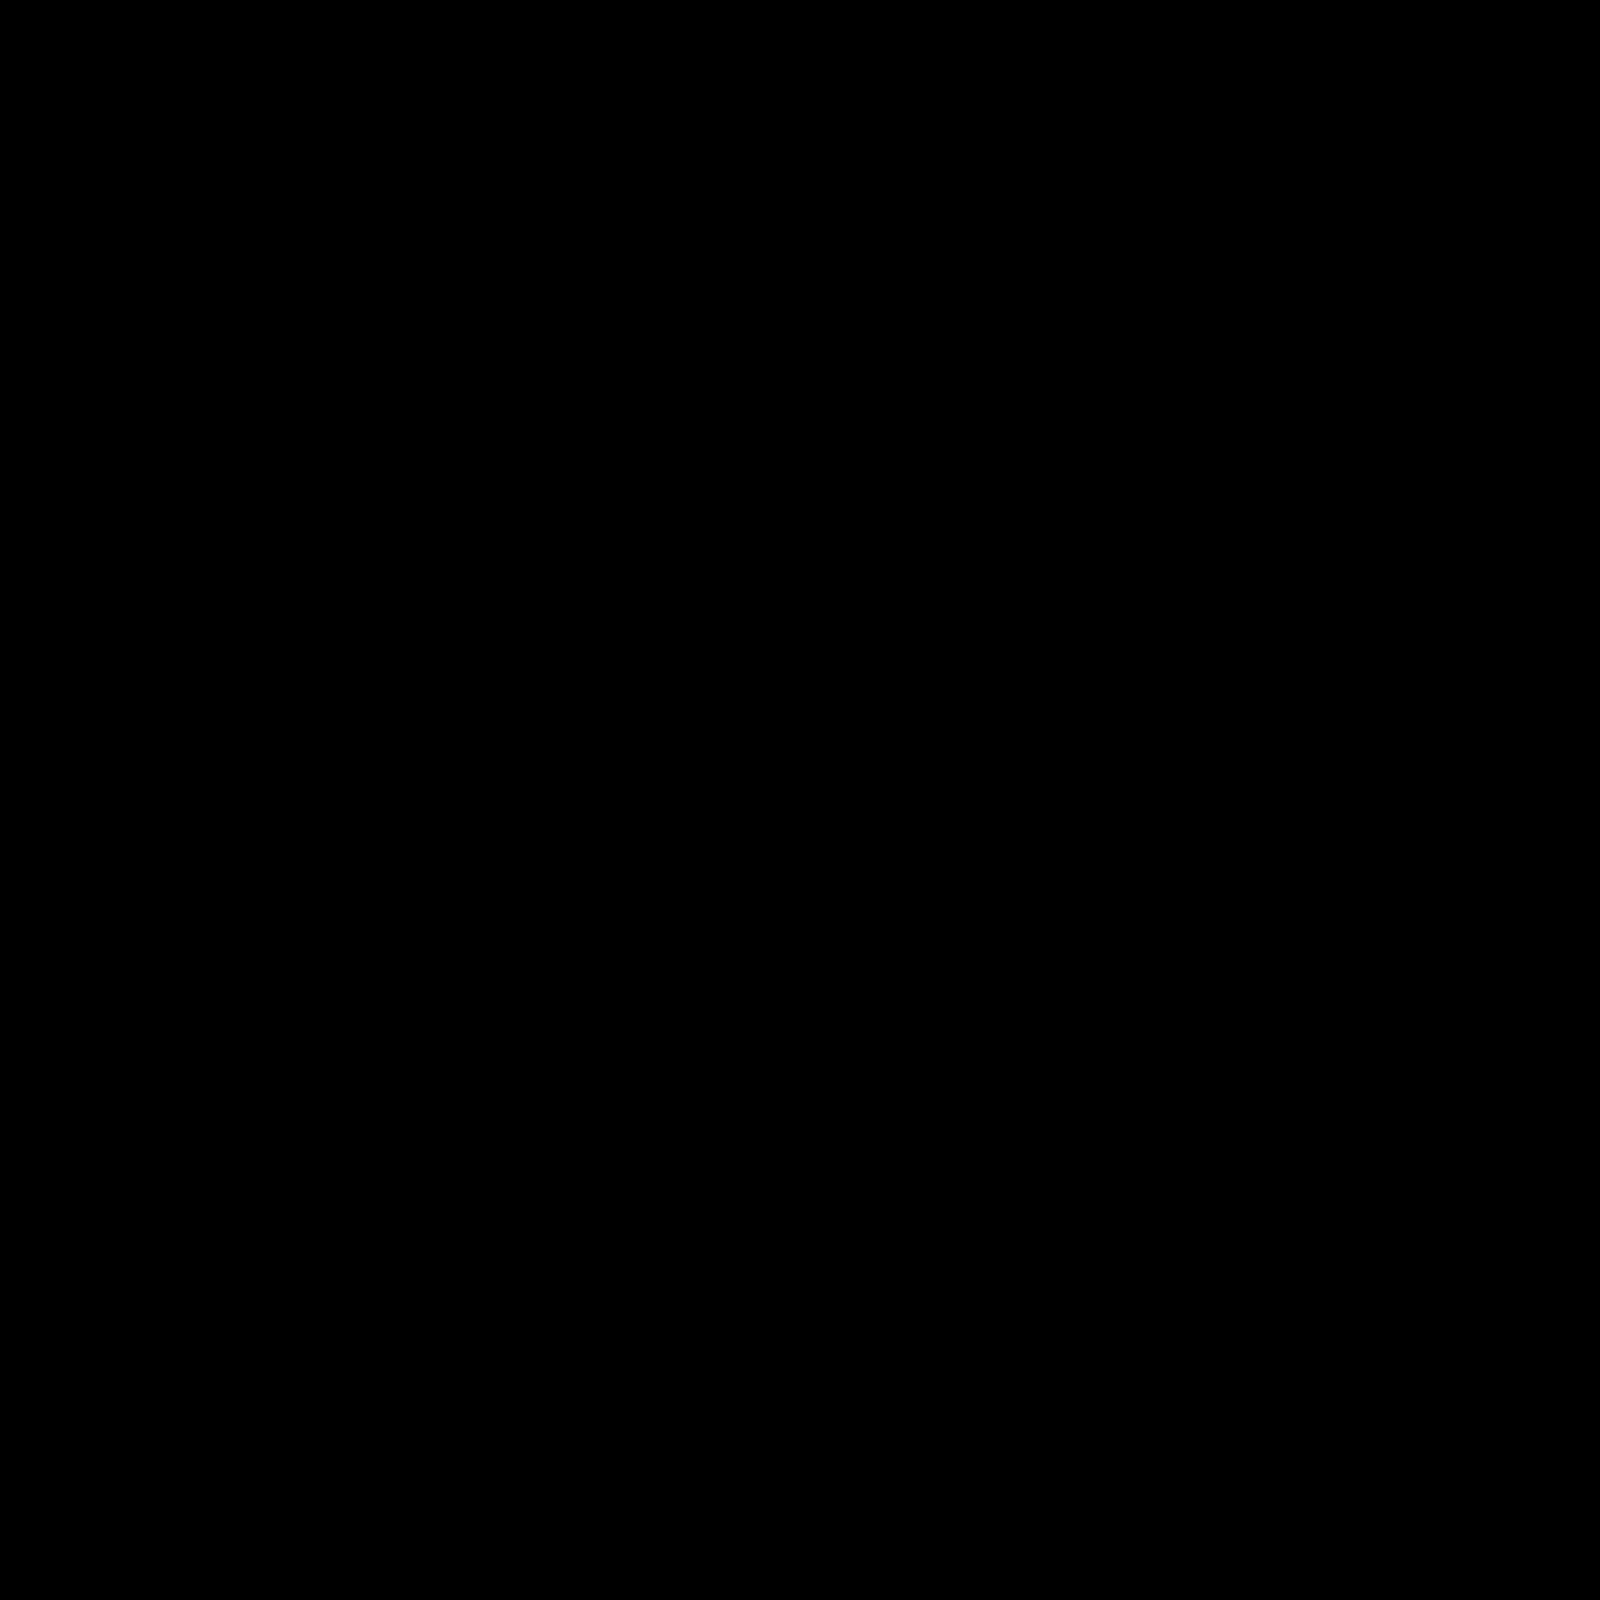 Paleo Diet Filled icon